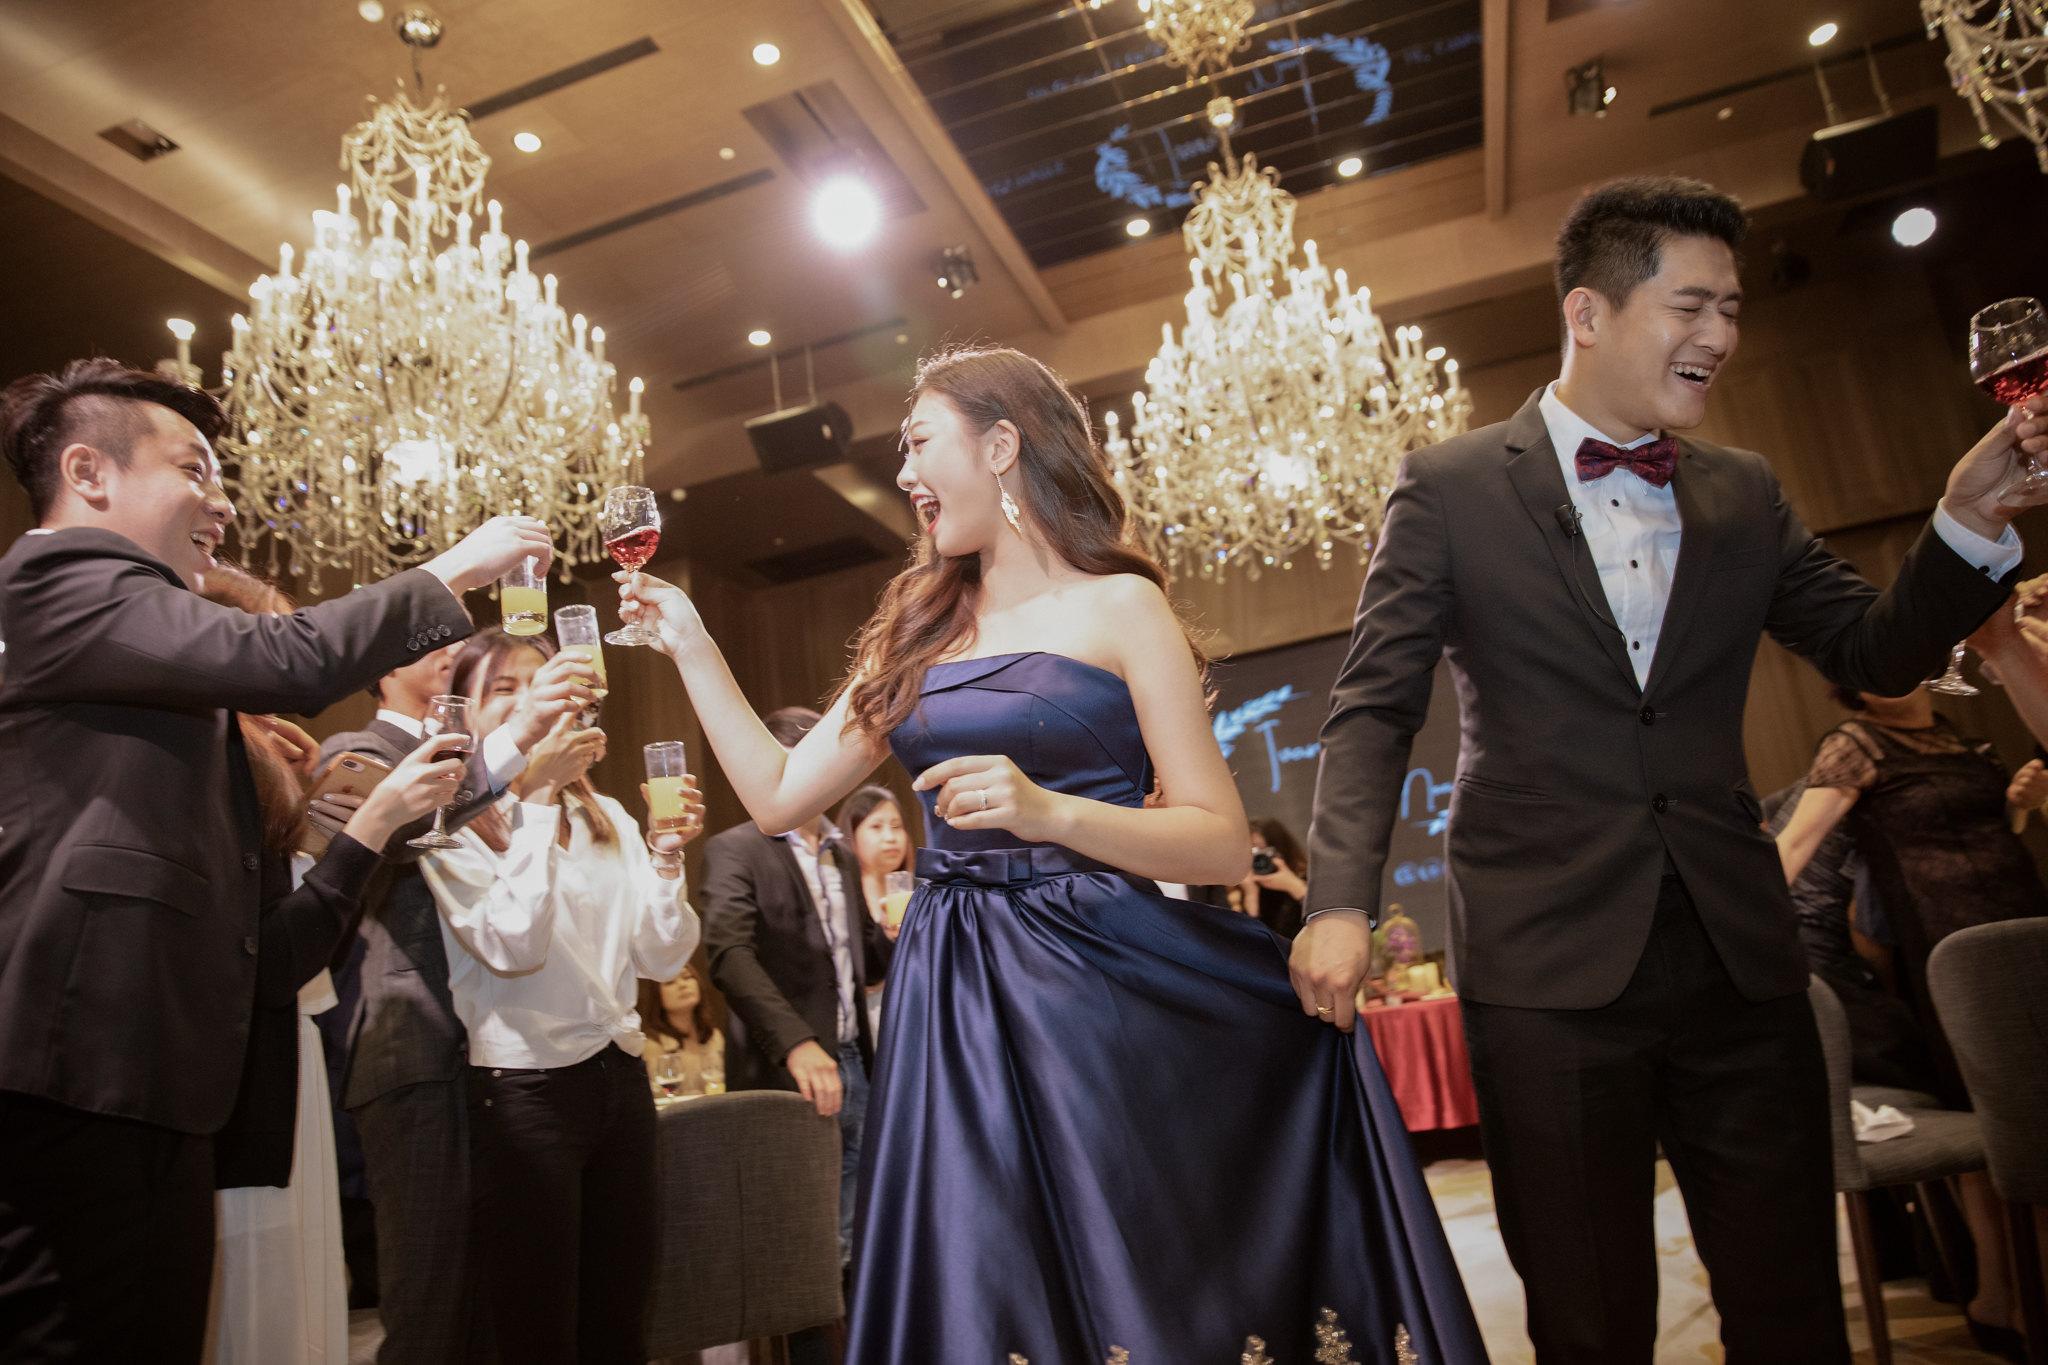 戶外婚禮, 手工婚紗, 台中婚攝, 自助婚紗, 婚紗工作室, 婚紗推薦旋轉木馬, 婚攝推廷, 婚攝CASA, 推薦婚攝, 旋轉木馬婚紗, 萊特維庭婚禮, 禮服出租, lightweeding,萊特薇庭婚攝-165